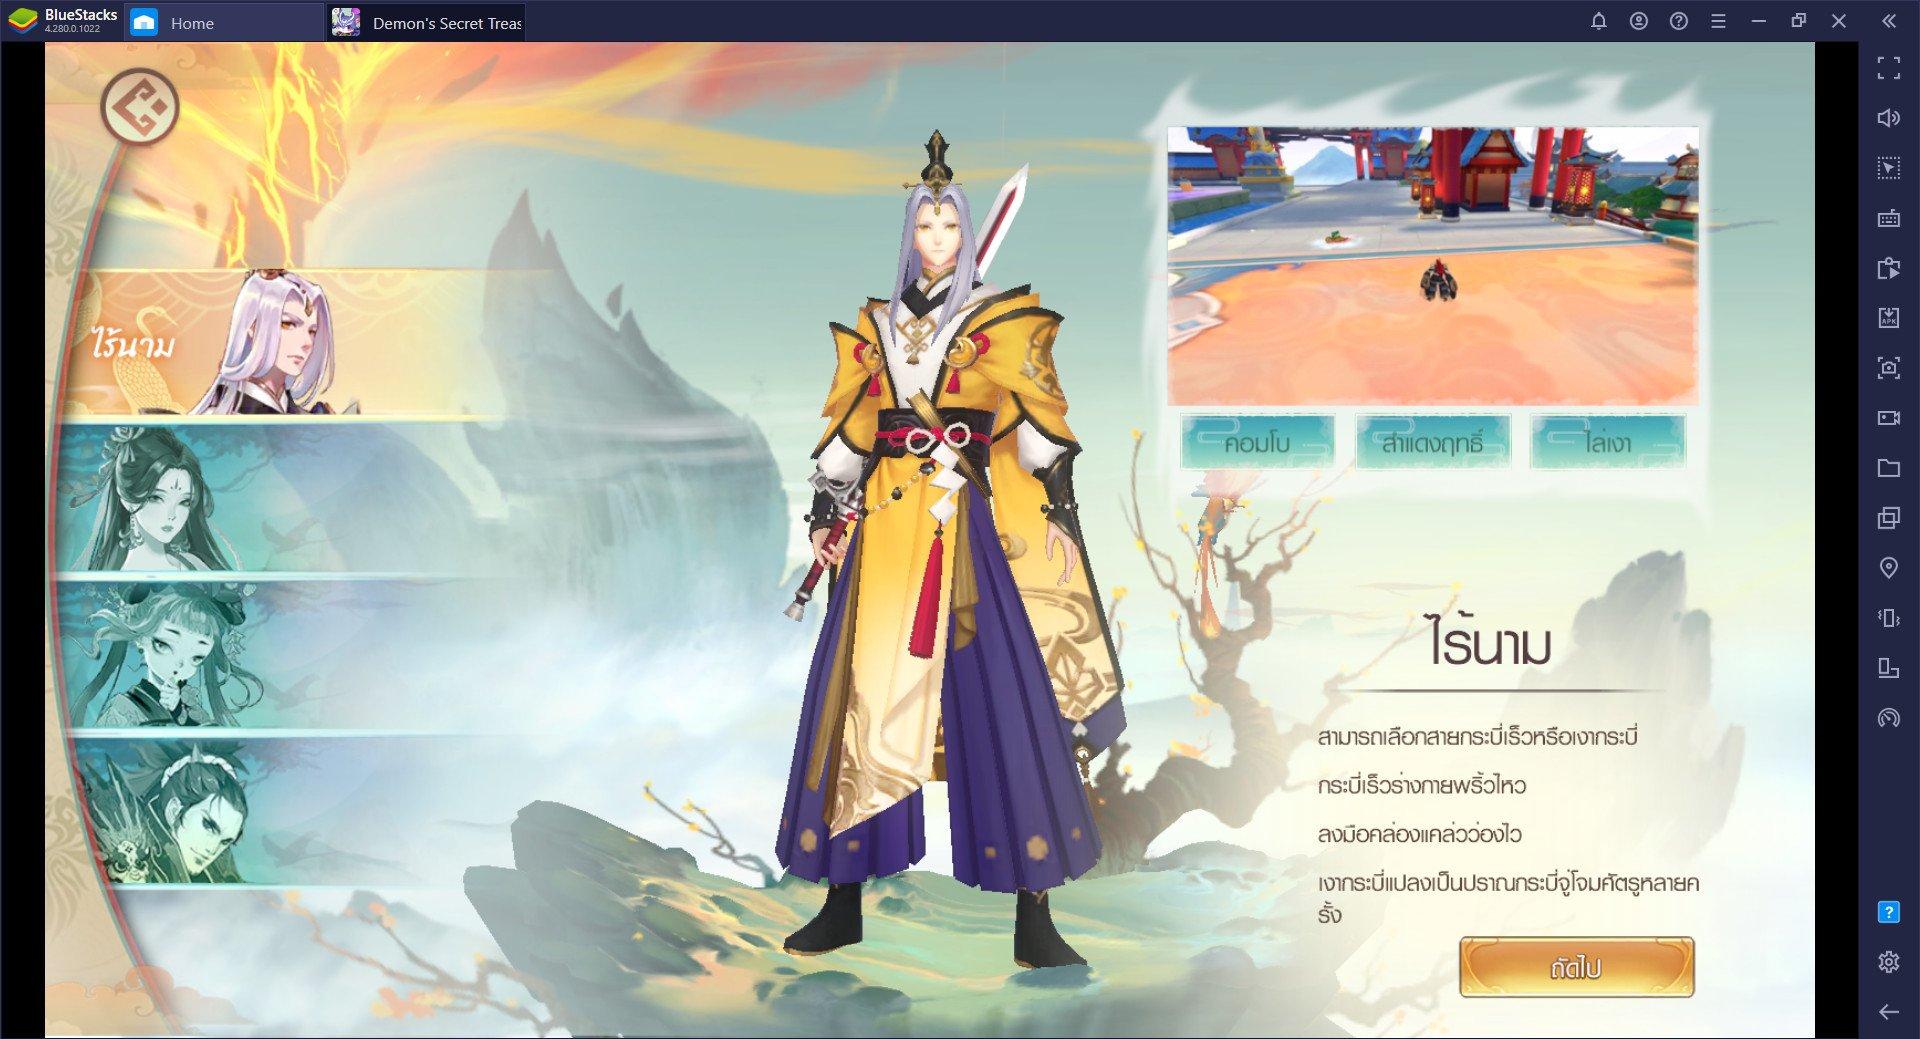 แนะนำ 4 อาชีพและคำอธิบายสกิลต่าง ๆ ในเกม Demon's Secret Treasure สำหรับผู้เริ่มต้น